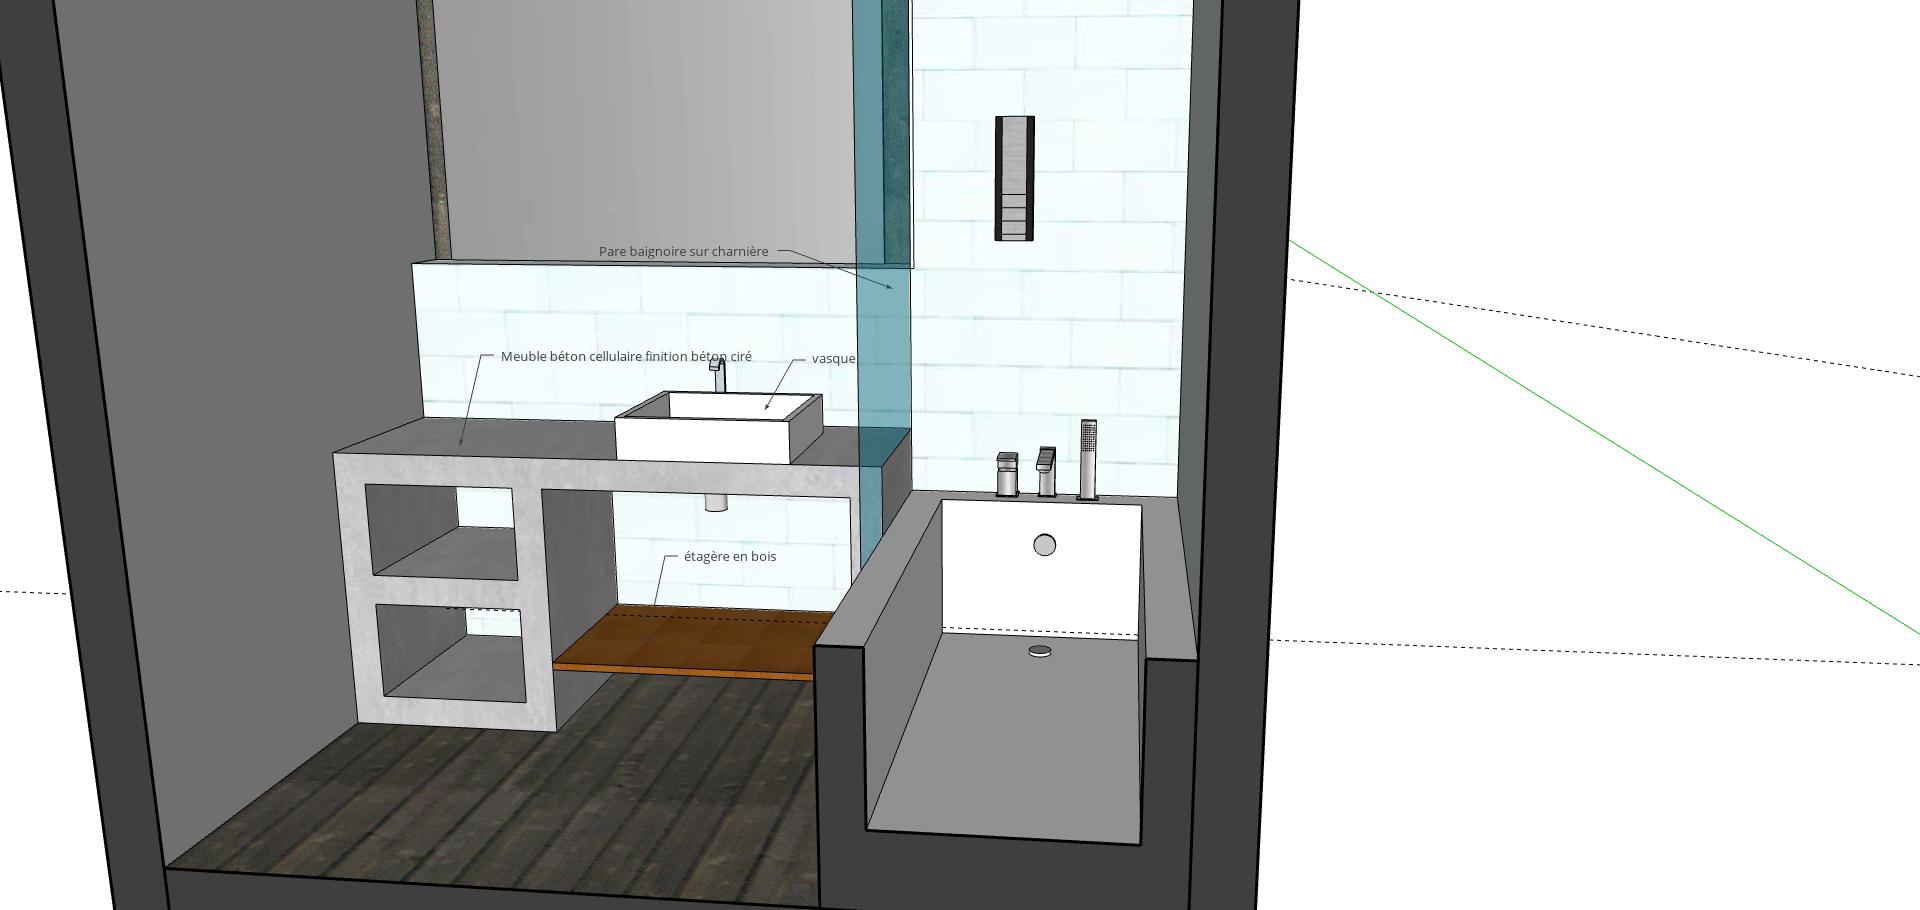 meuble béton cellulaire salle de bain